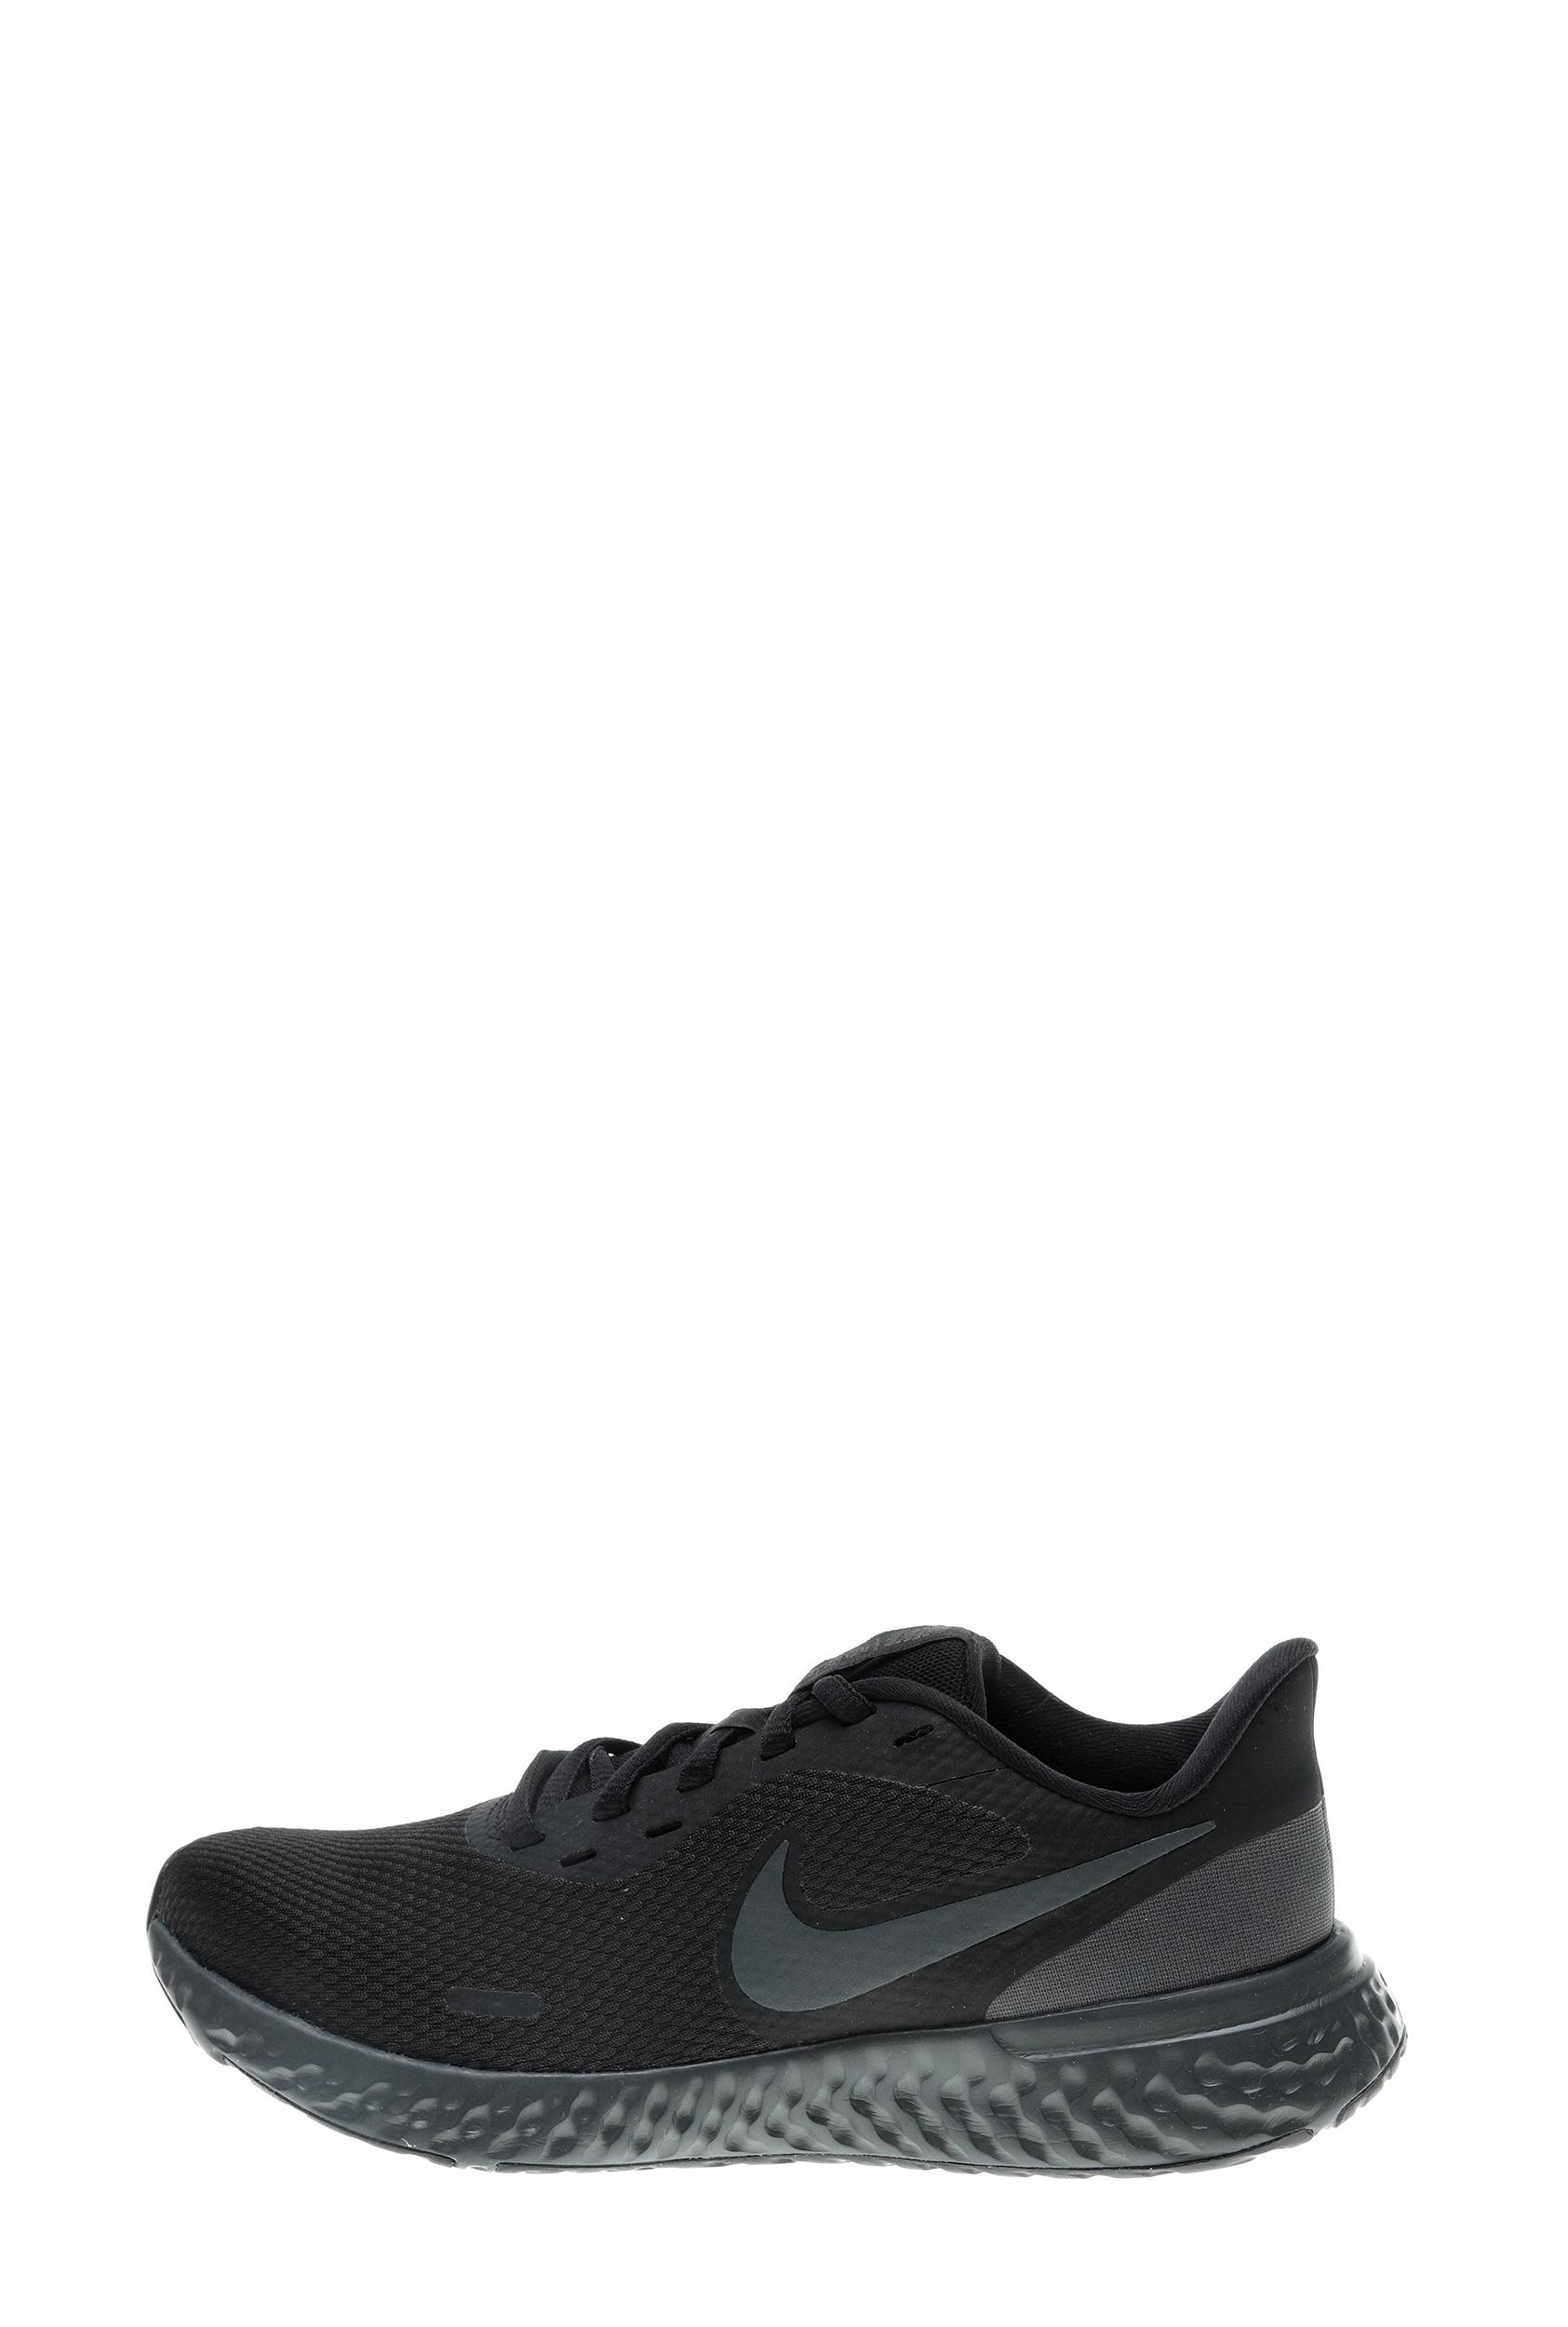 NIKE – Γυναικείο παπούτσι για τρέξιμο NIKE REVOLUTION 5 μαύρα